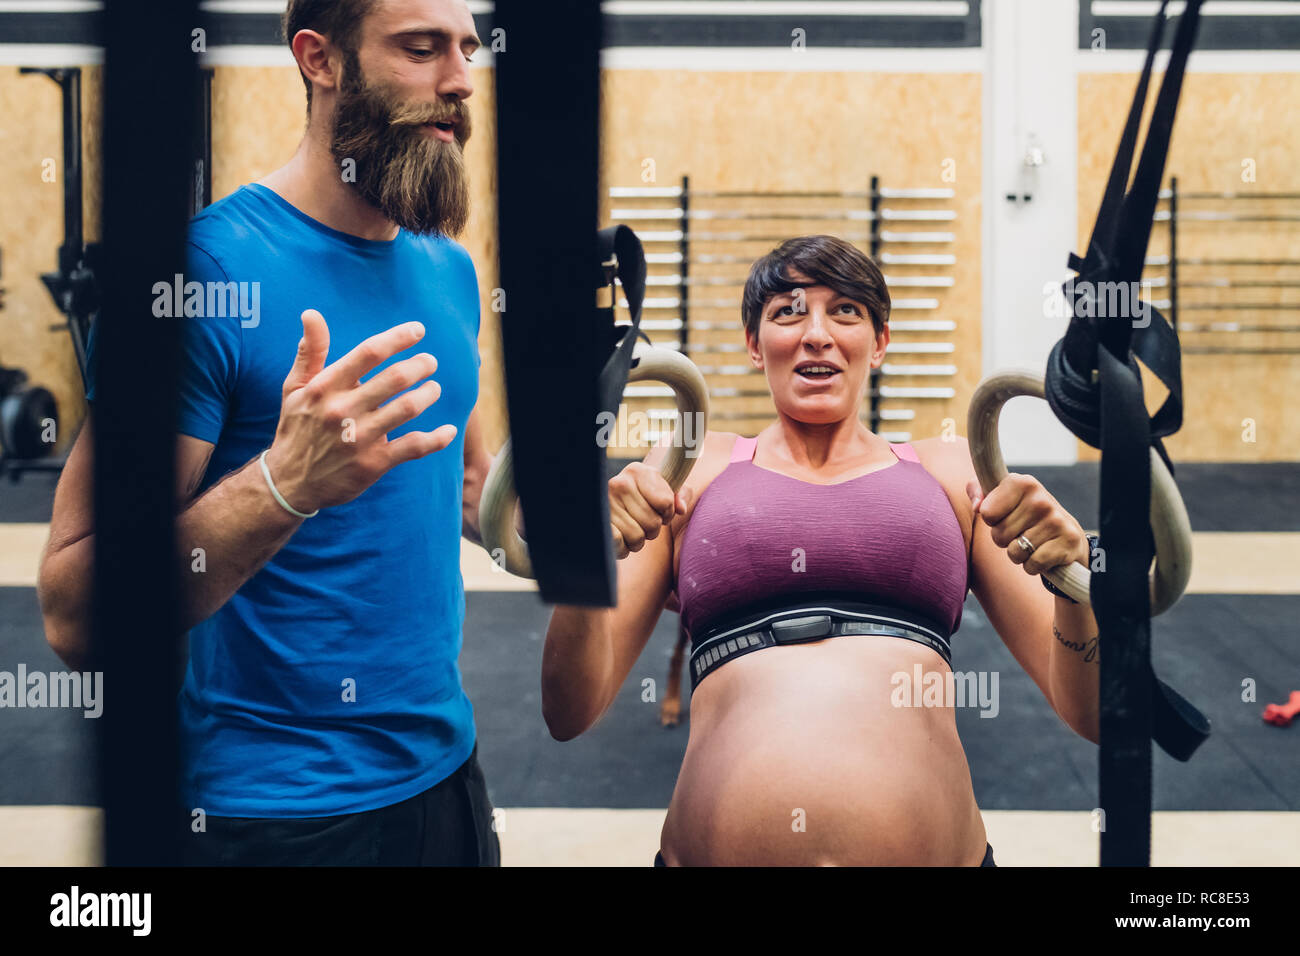 Directeurs formateur femme enceinte en utilisant l'équipement d'exercice dans la salle de sport Banque D'Images